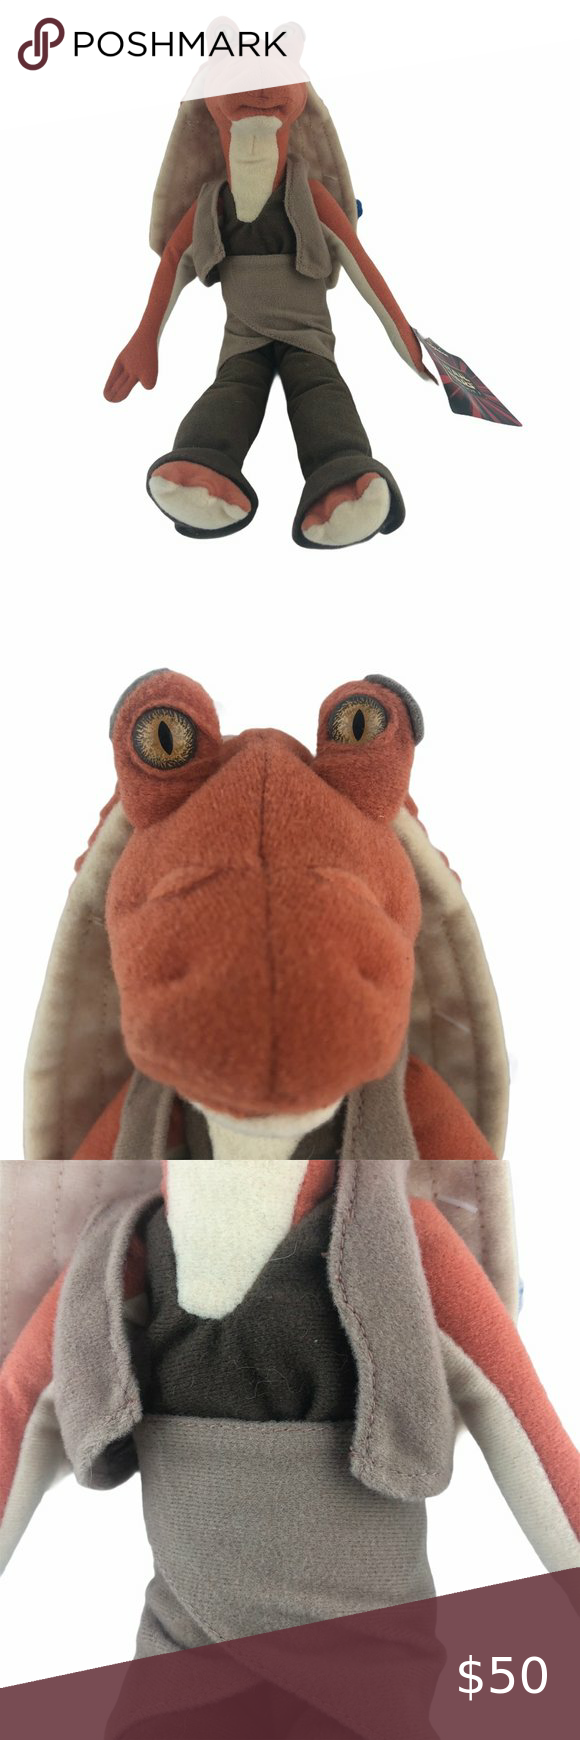 Jar Jar Binks Plush 12 Doll Star Wars Episode 1 Pusheen Cat Plush Angry Bird Plush Cat Plush